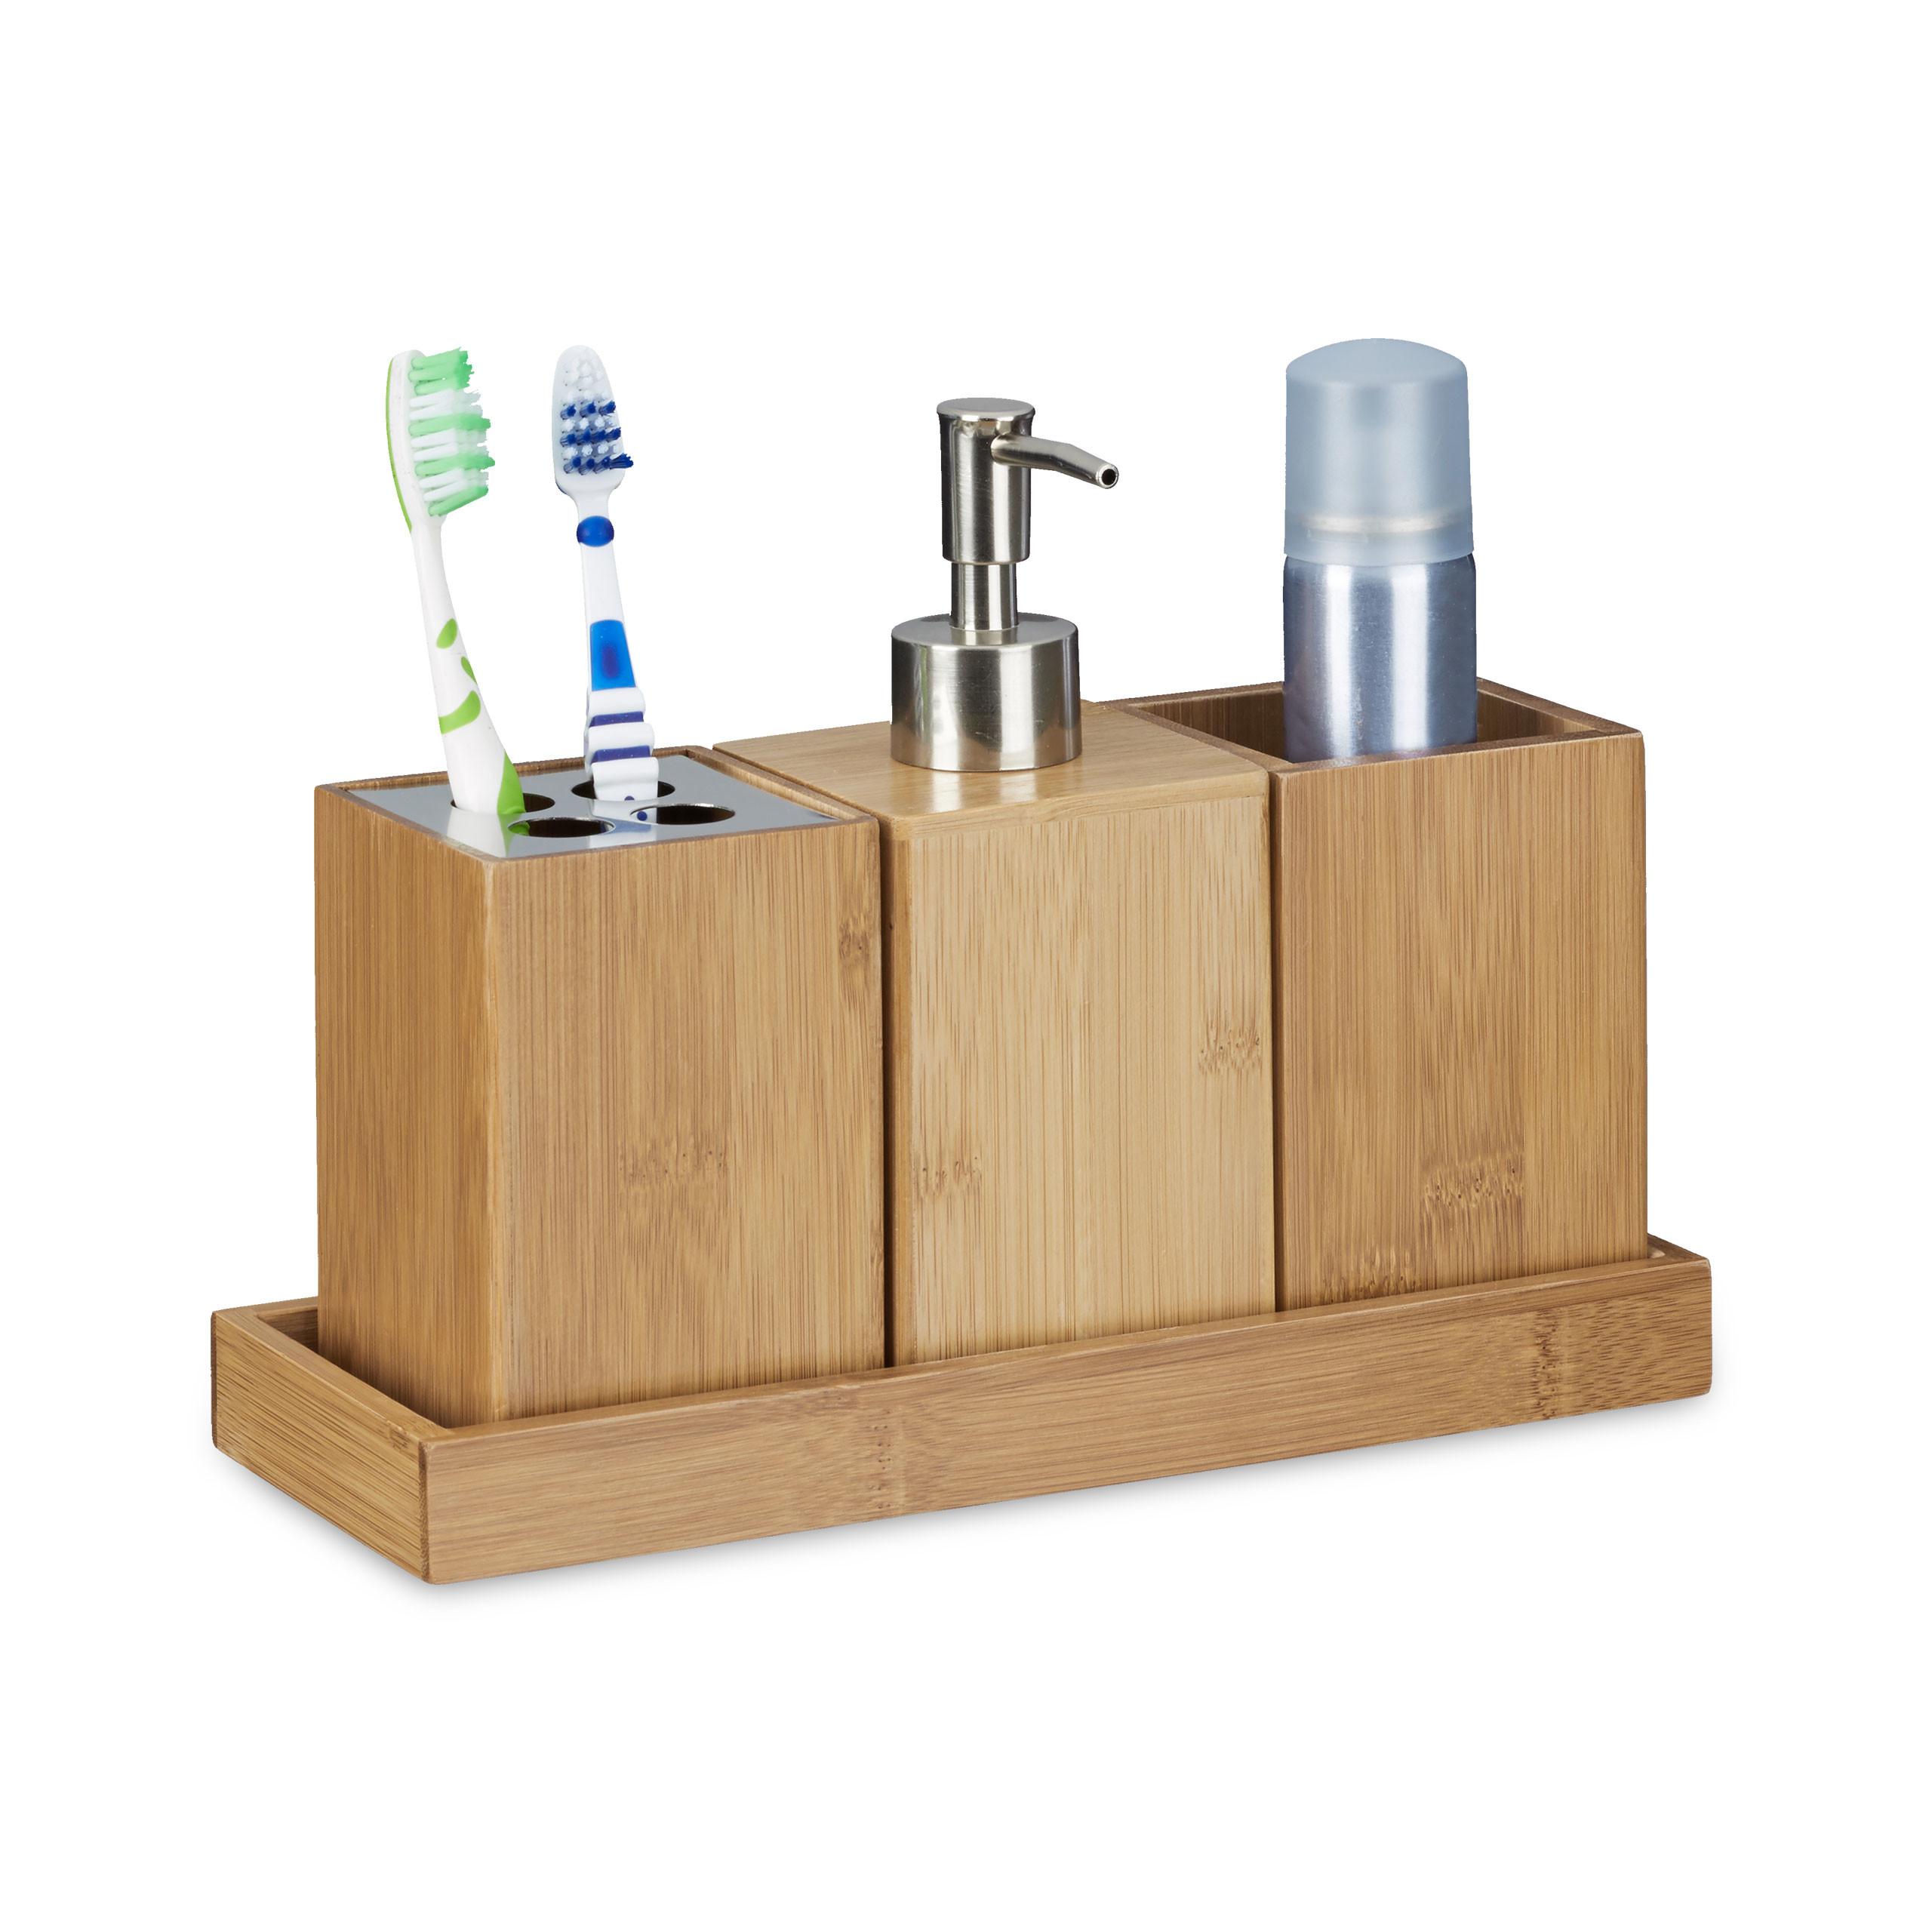 Bad-Accessoires-Set Zahnbürstenhalter, Seifenspender, Seifenablage Badset Bambus